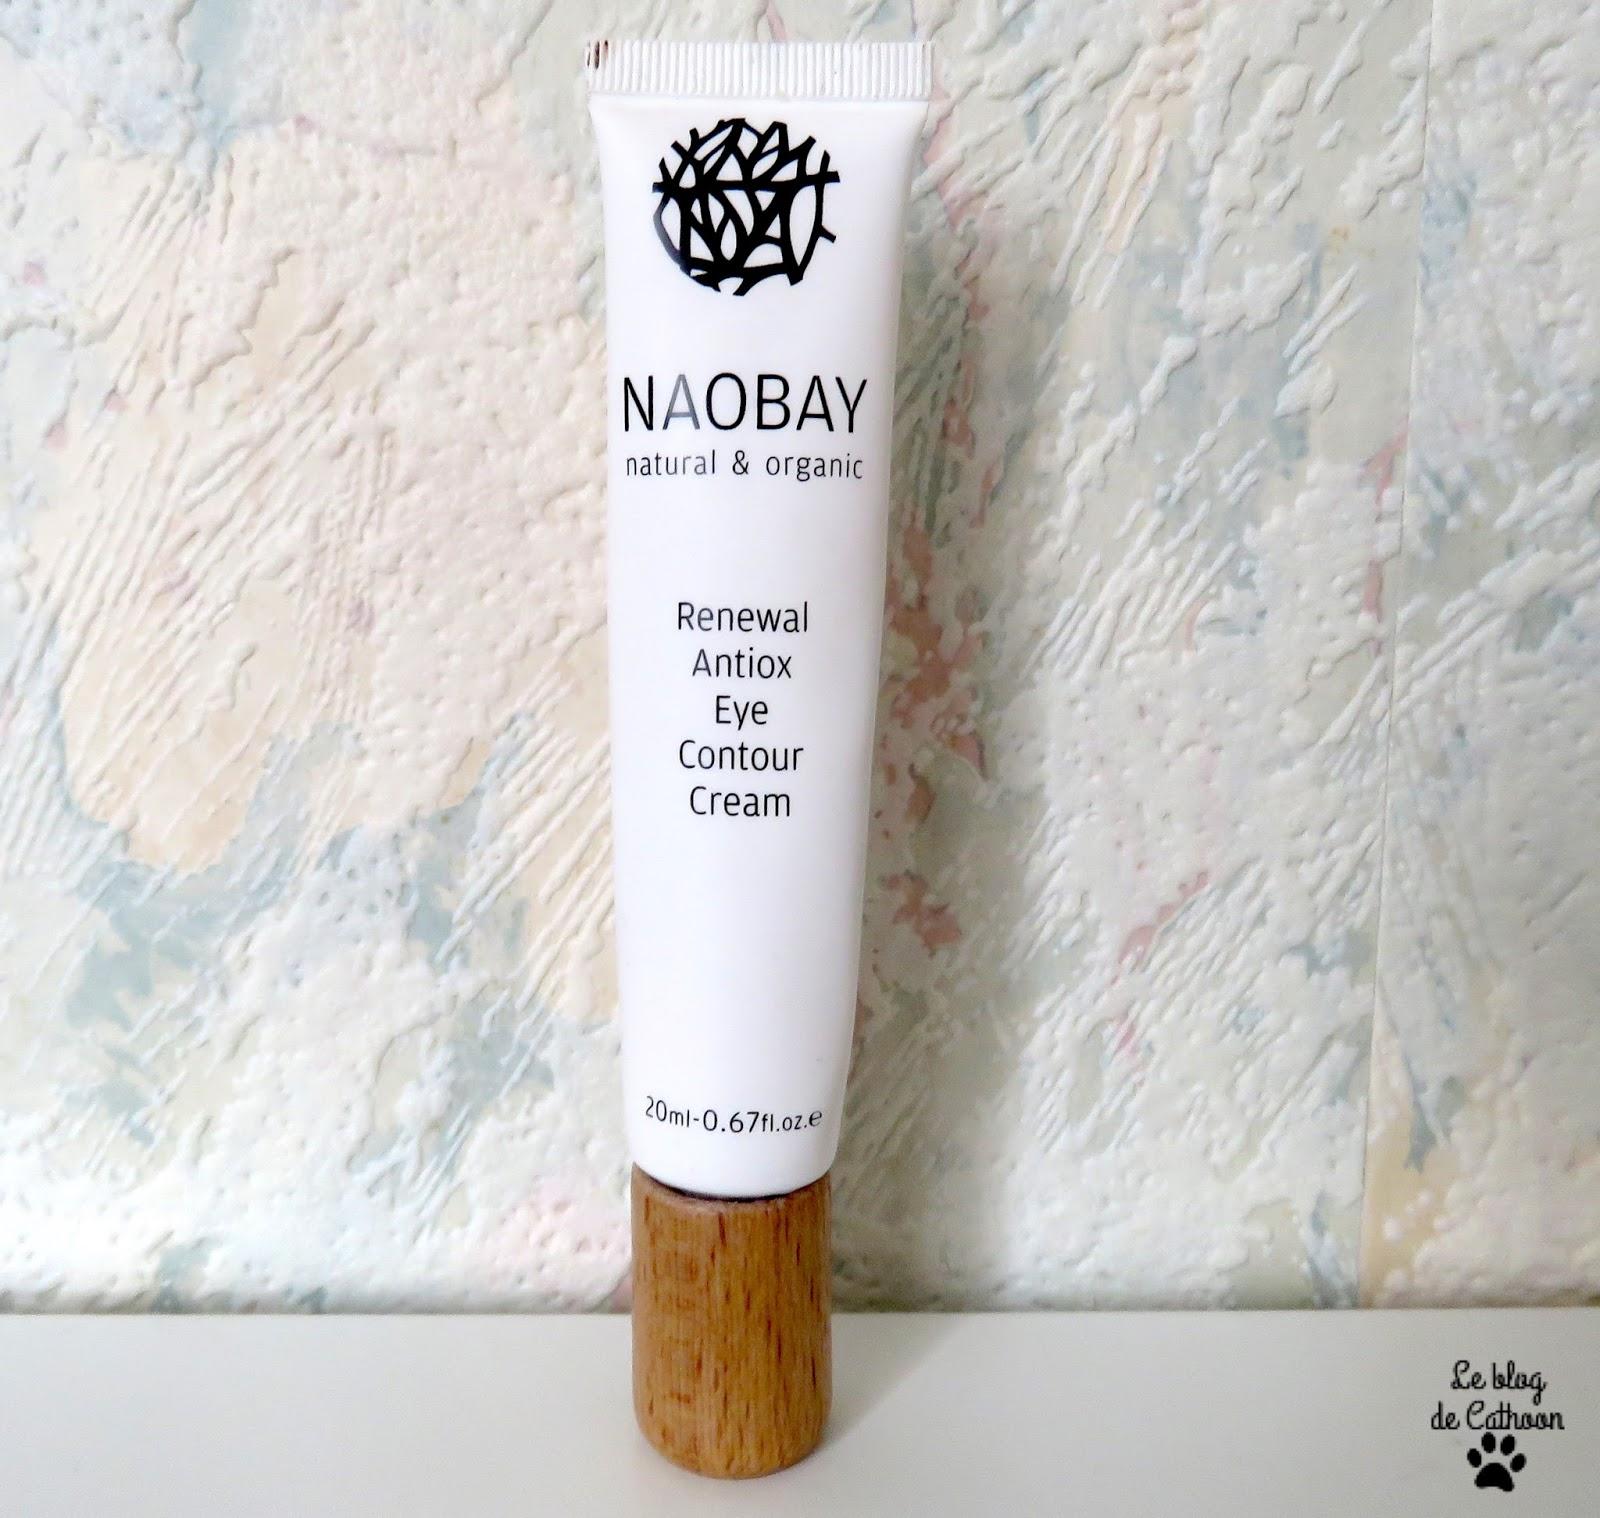 Renewal Antiox Eye Contour Cream de Naobay